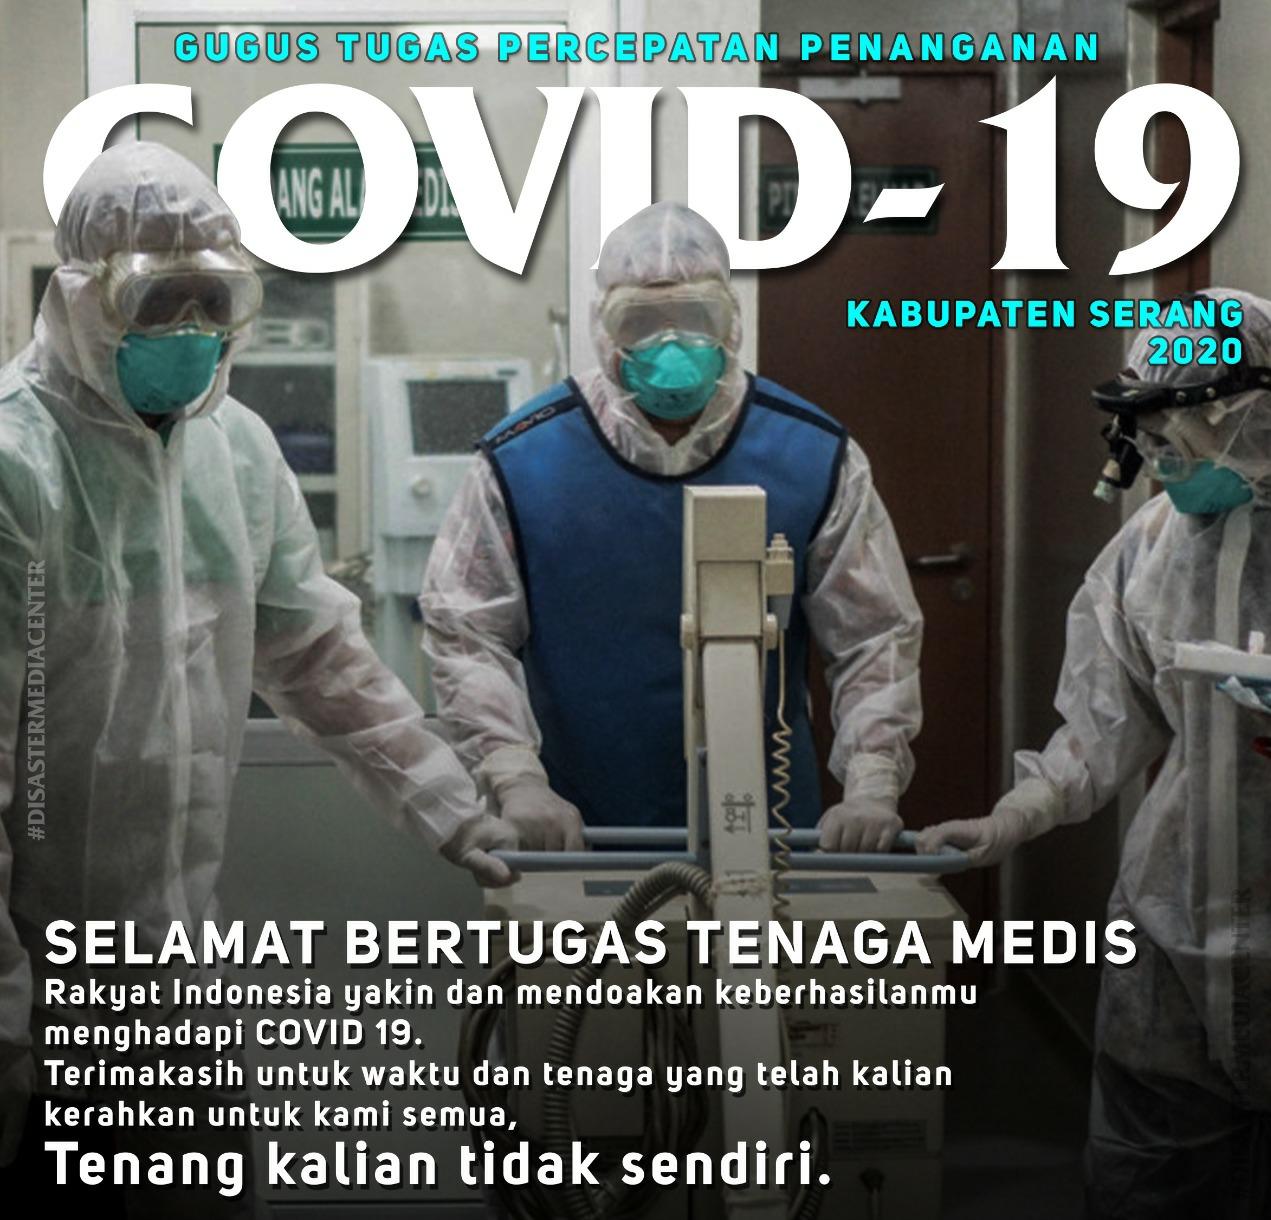 bentuk-upaya-dukungan-kepada-tim-medis-kita-yg-sdg-berjuang-di-garda-terdepan-menangani-wabah-corona-covid-19